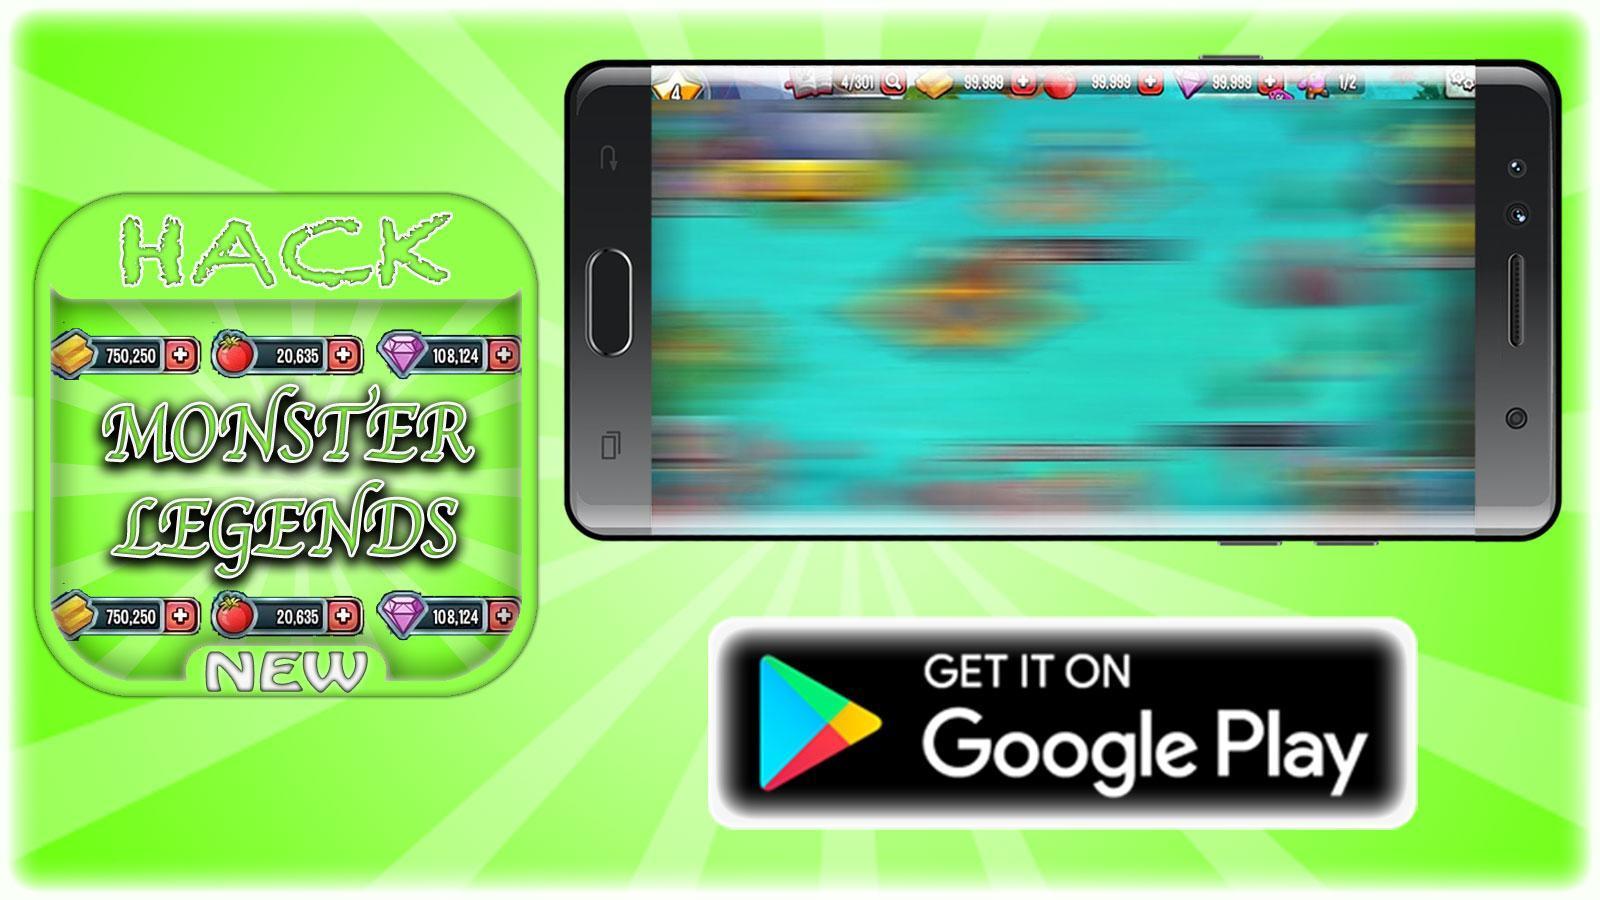 Hack For Monster Legends Game App Joke Prank For Android Apk Download